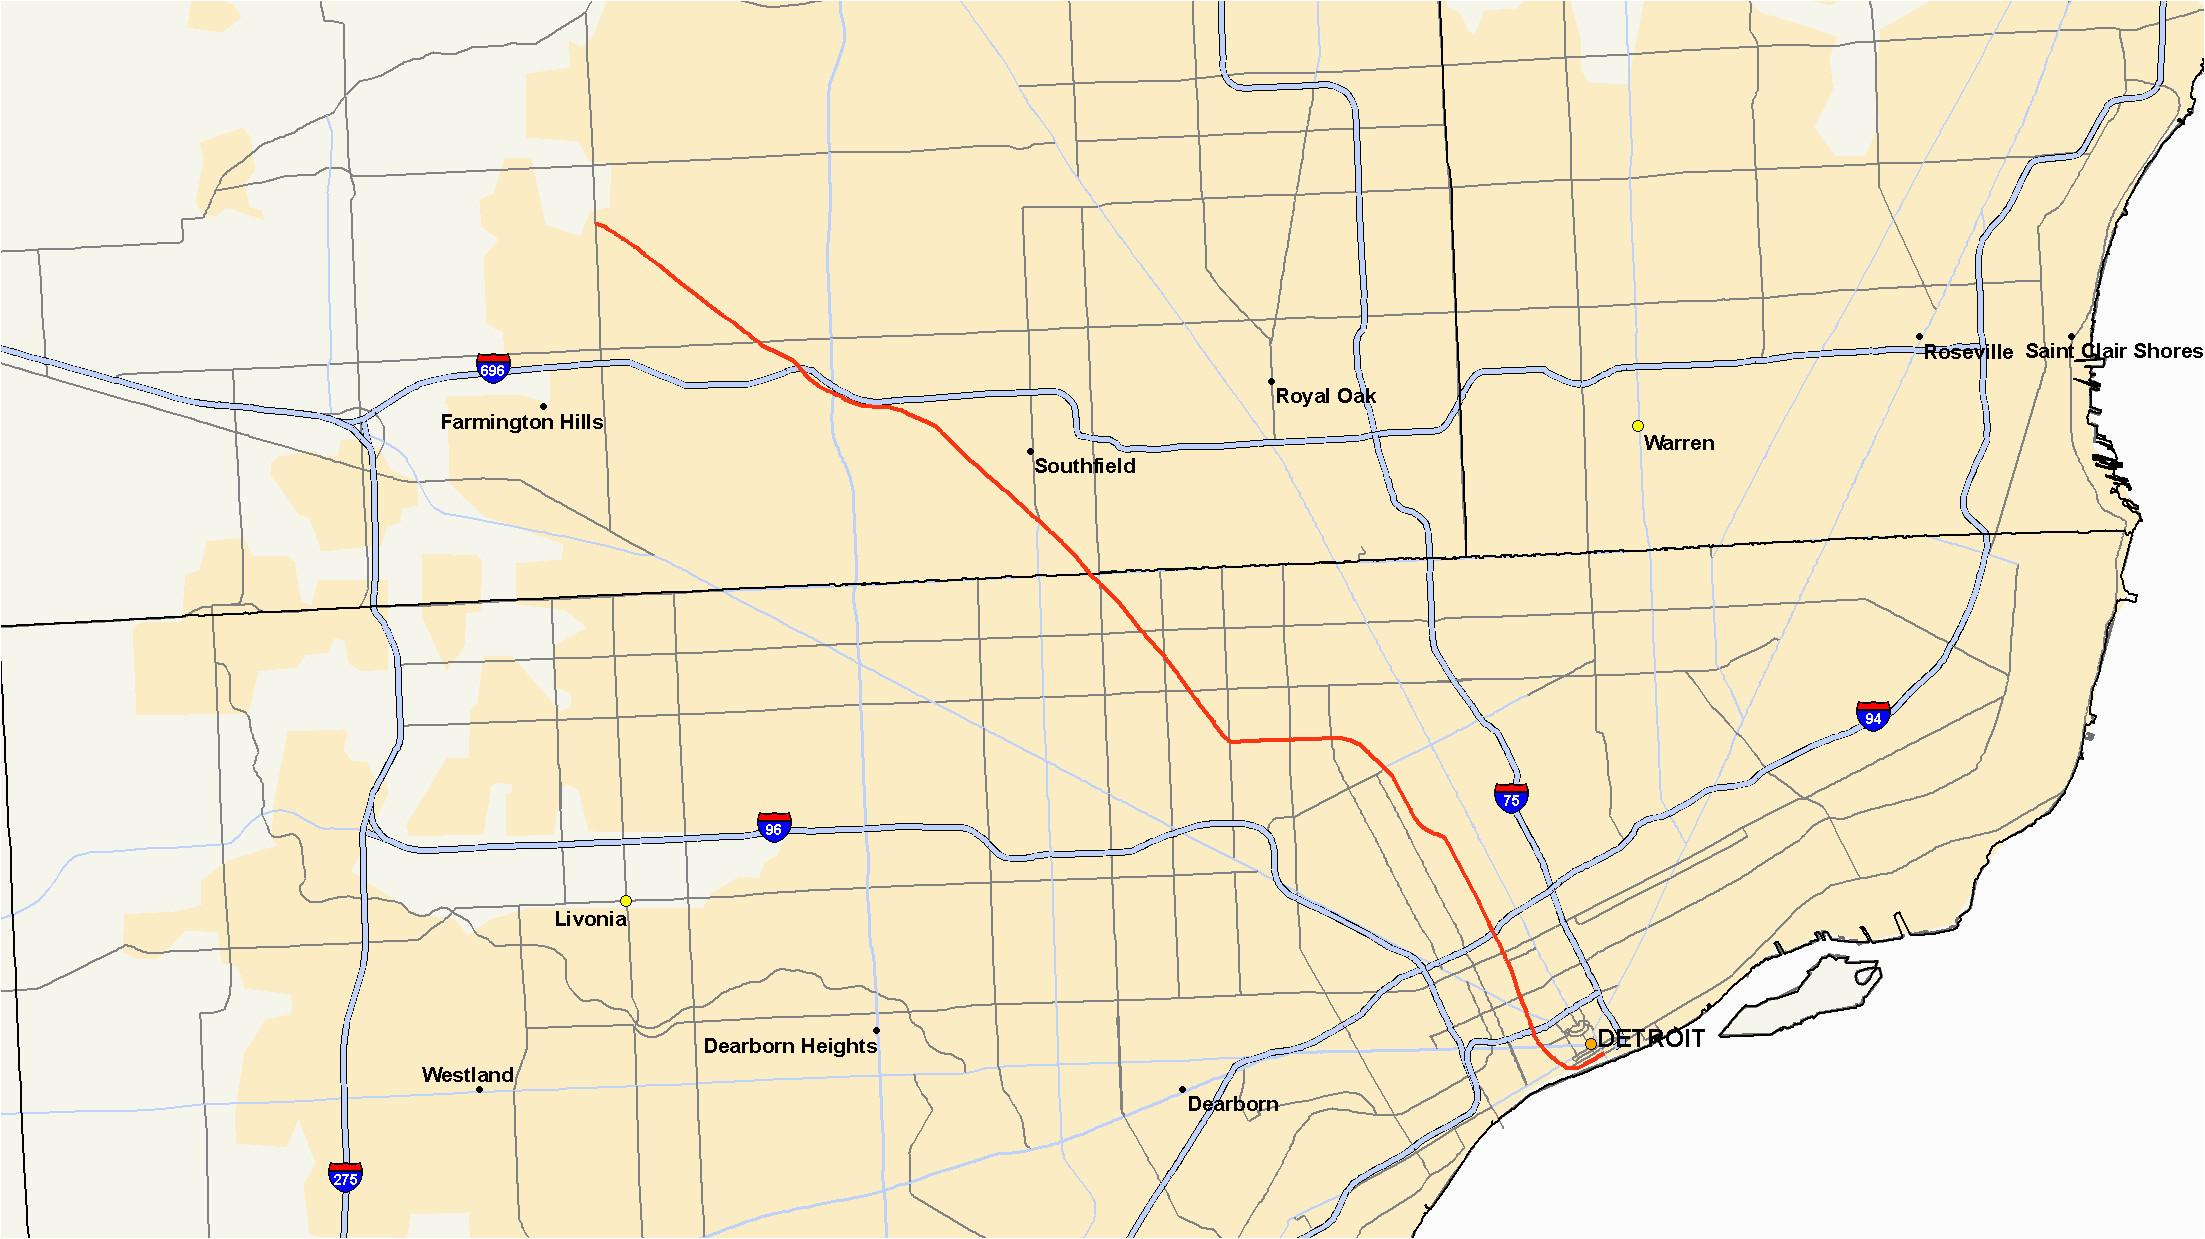 Map Of southfield Michigan M 10 Michigan Highway Wikipedia